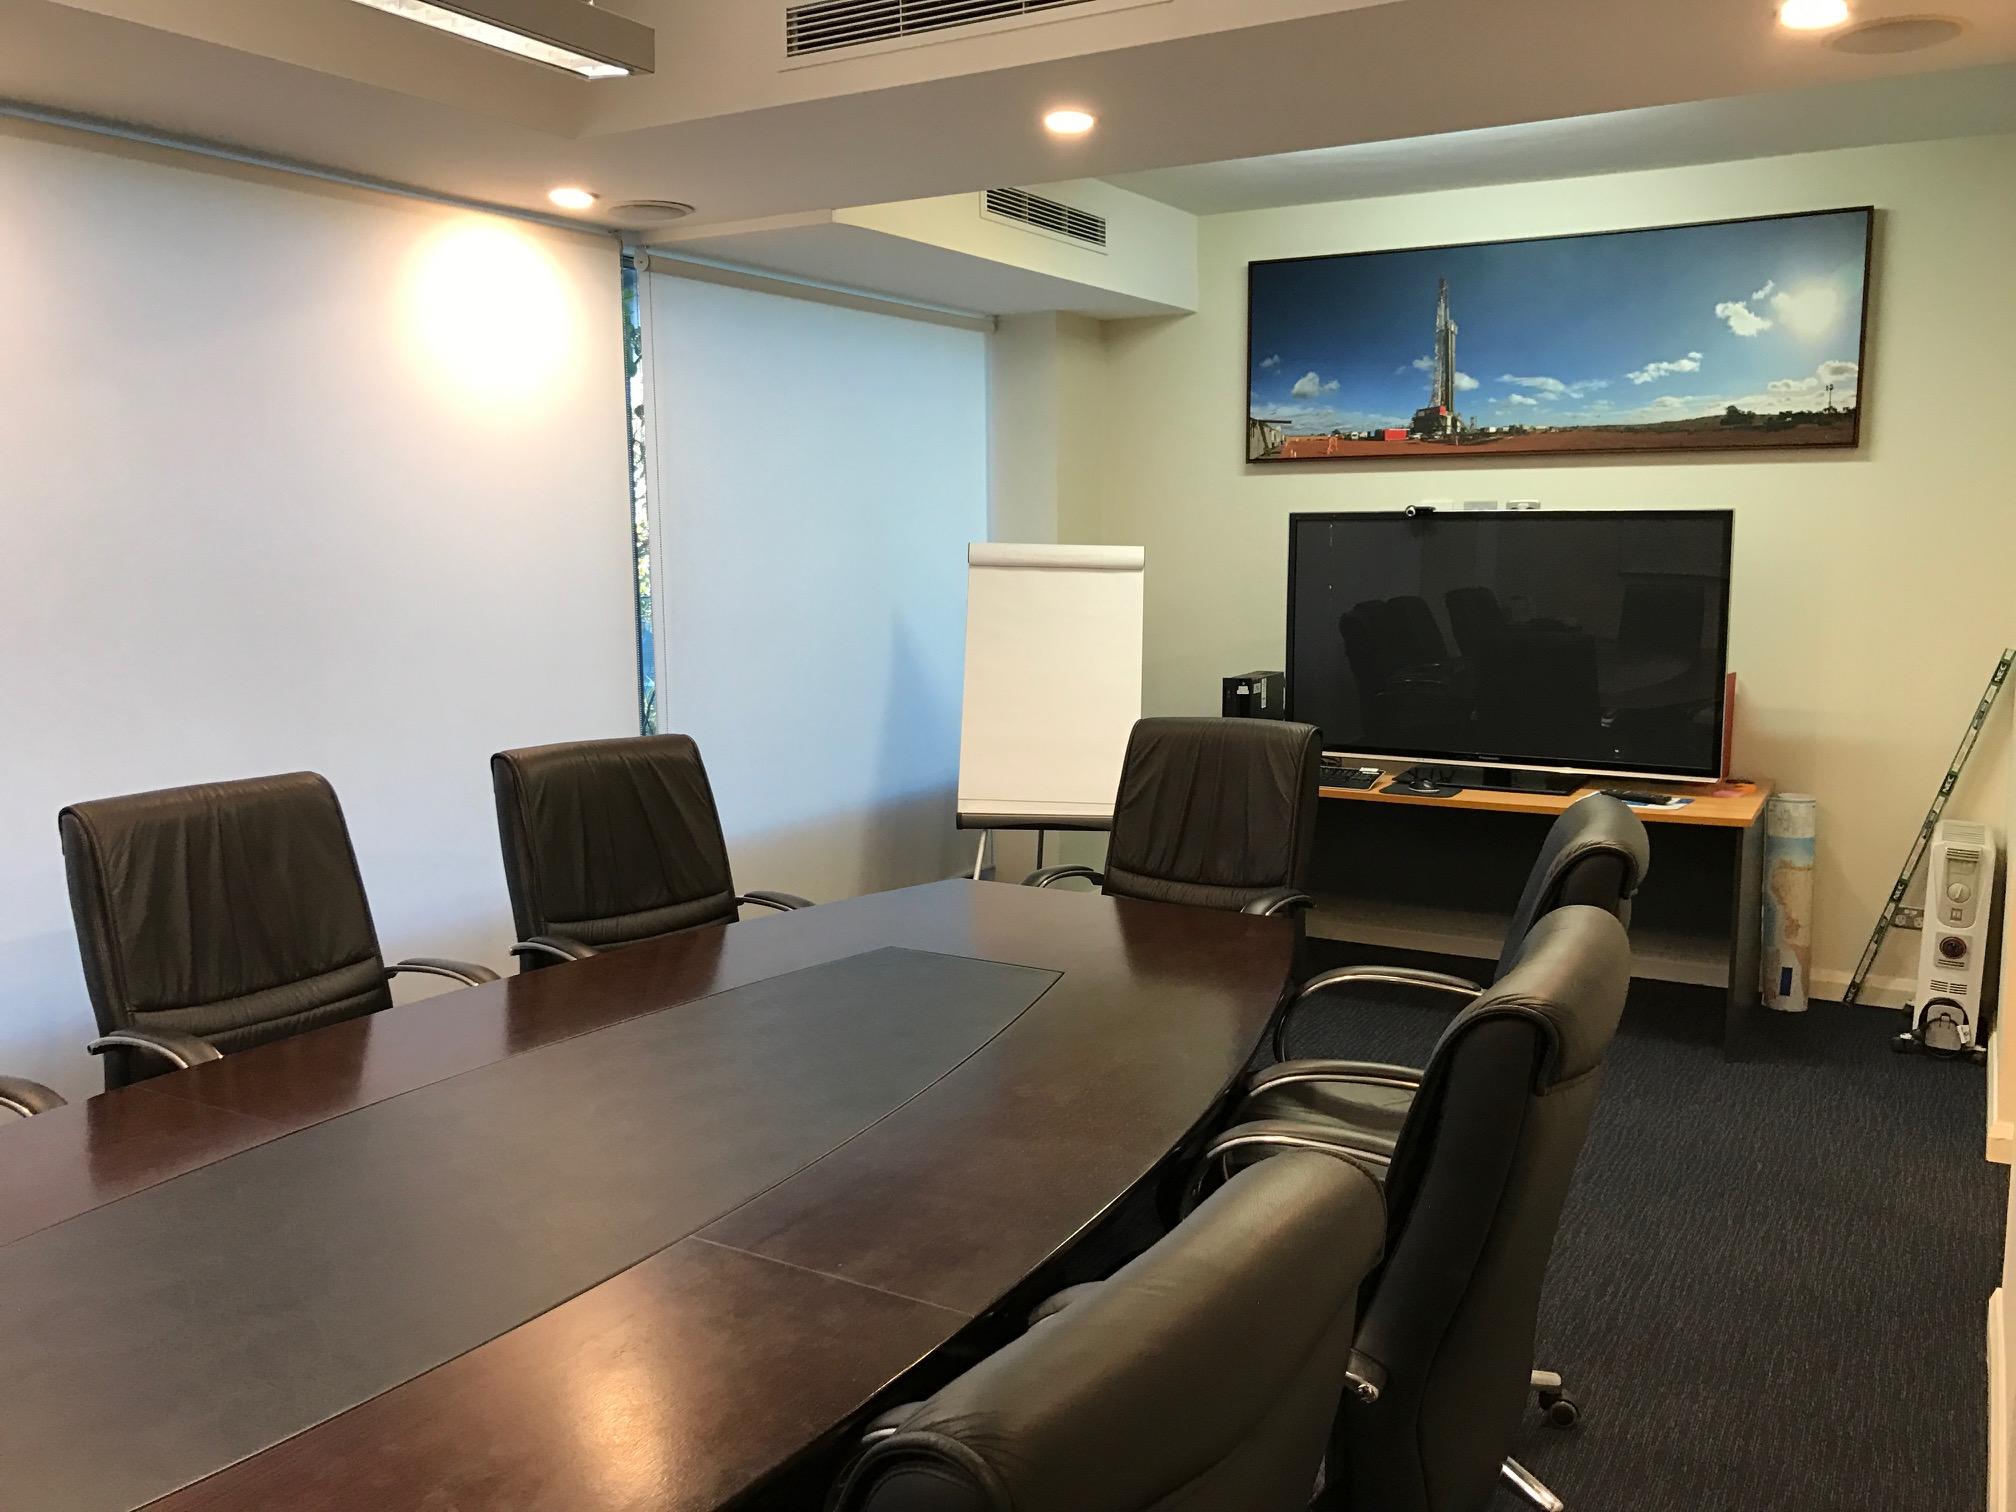 Ground Floor Boardroom